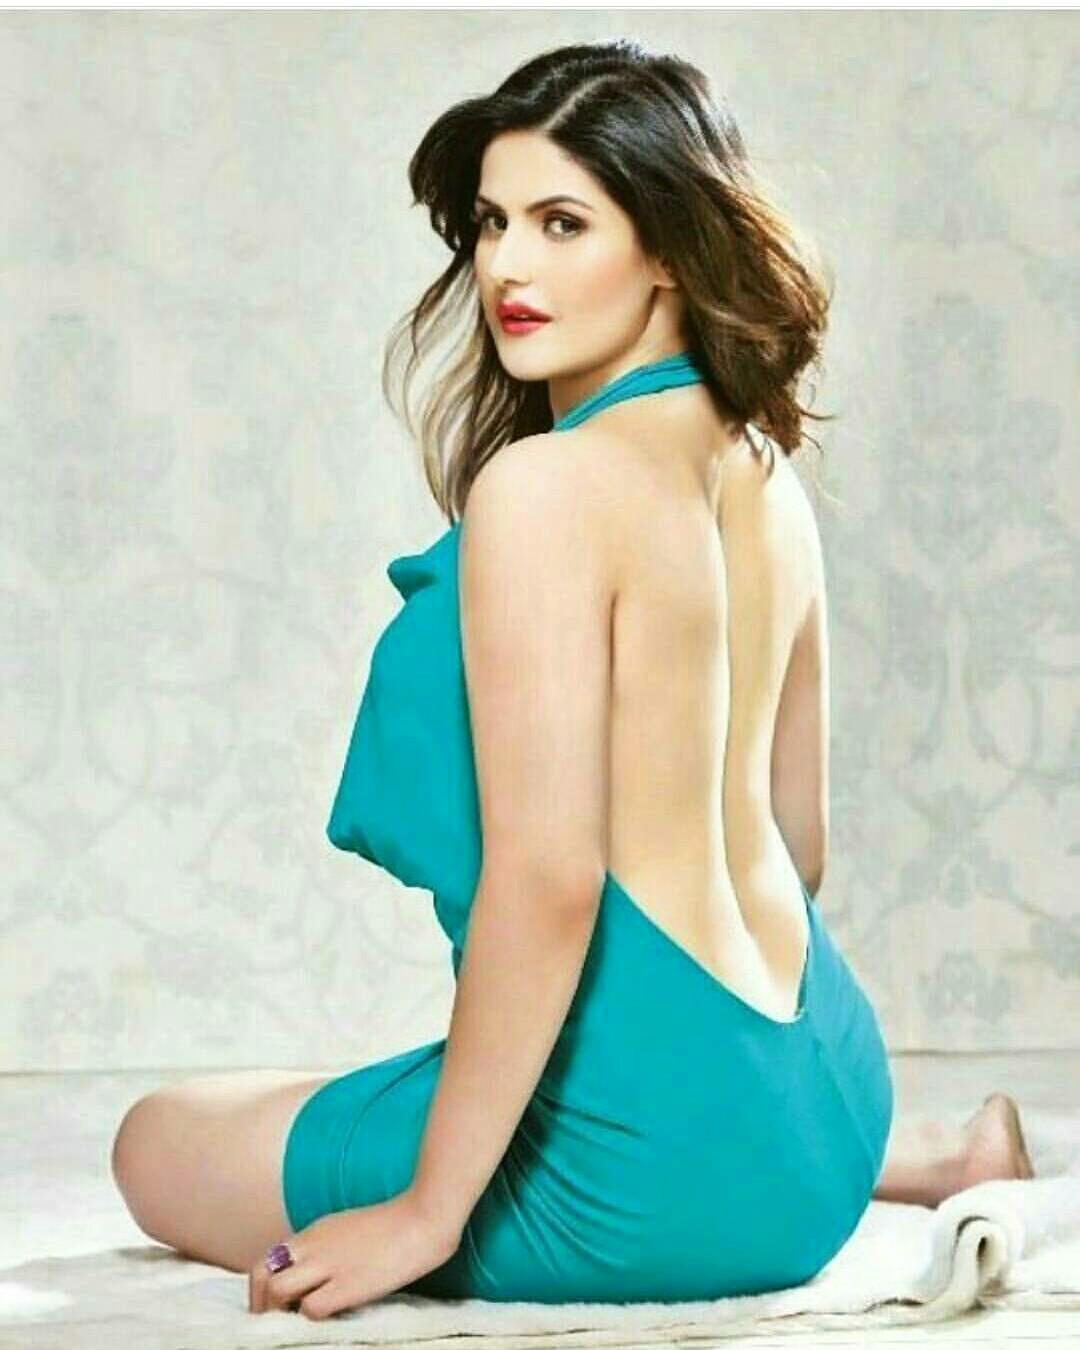 Hot Indian Actress Pics - Bollywood Chuchpa-3357